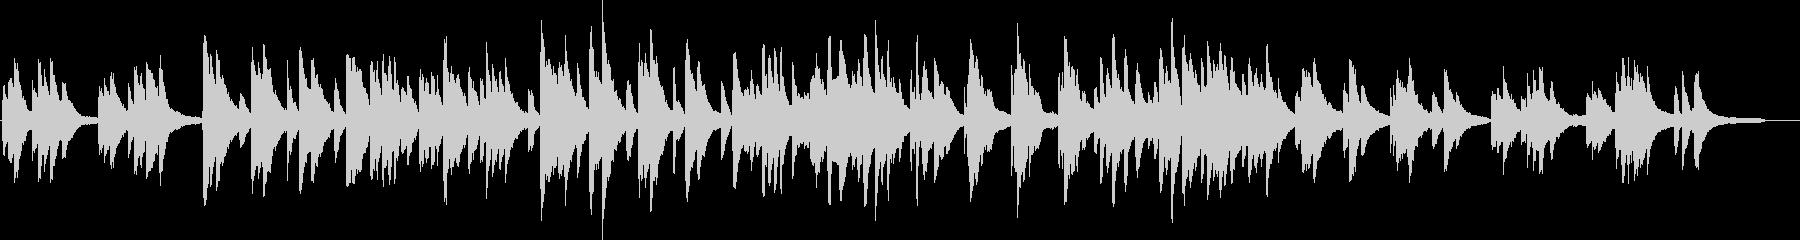 ピアノの優しい曲03の未再生の波形